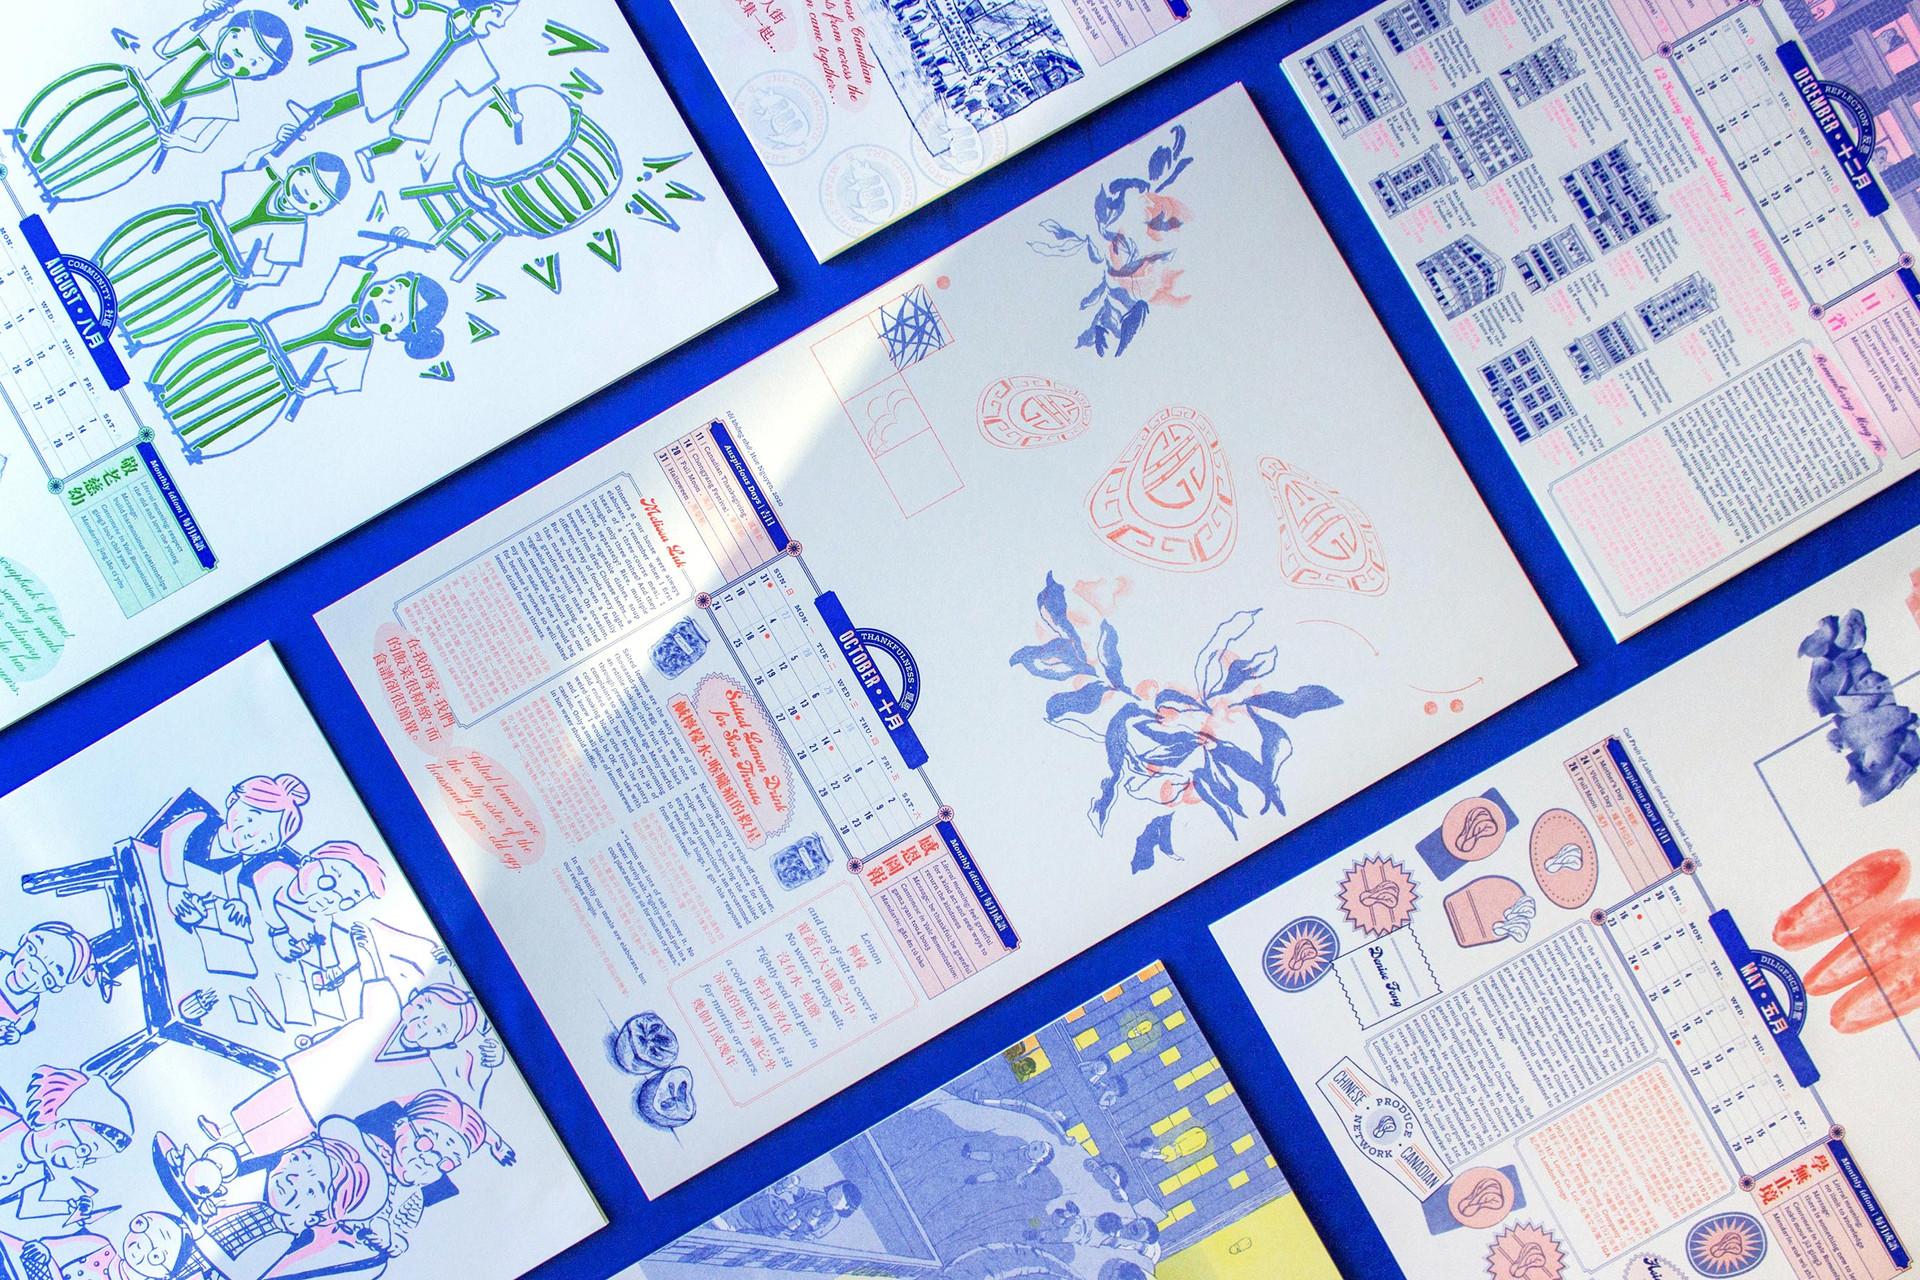 triet-pham-mau-calendar-2021-design-03.j